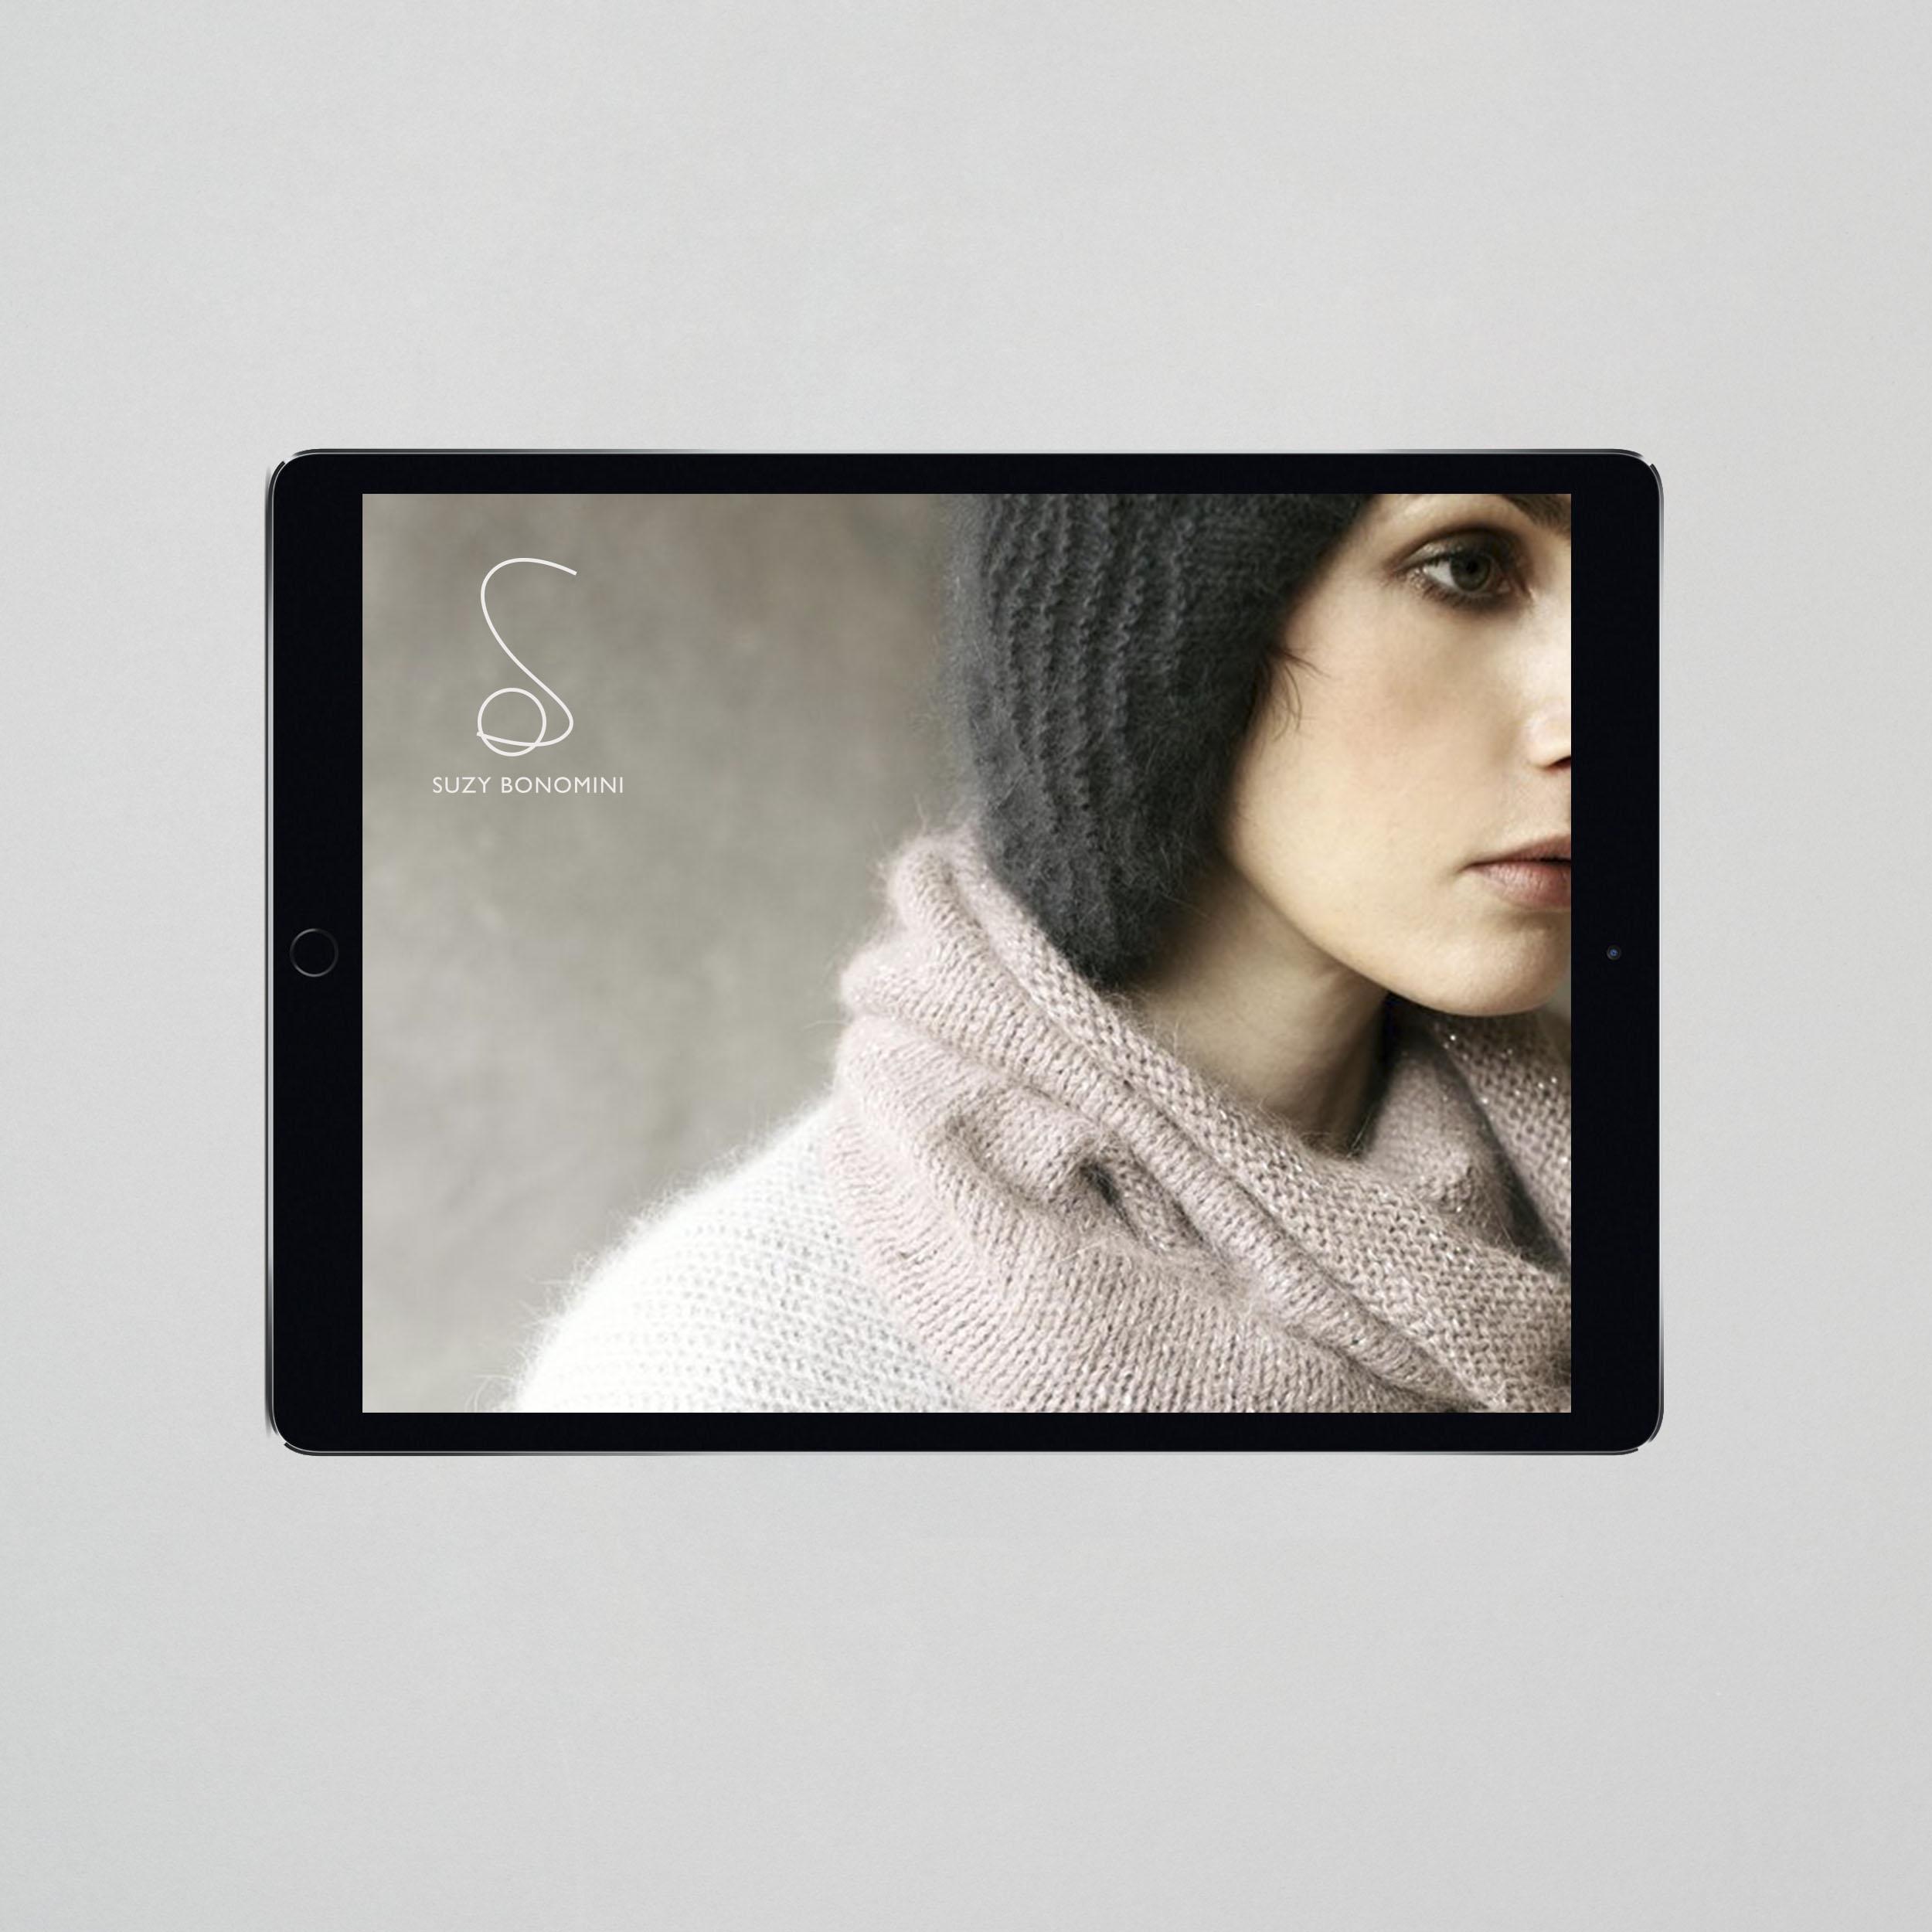 iPad 1.jpg